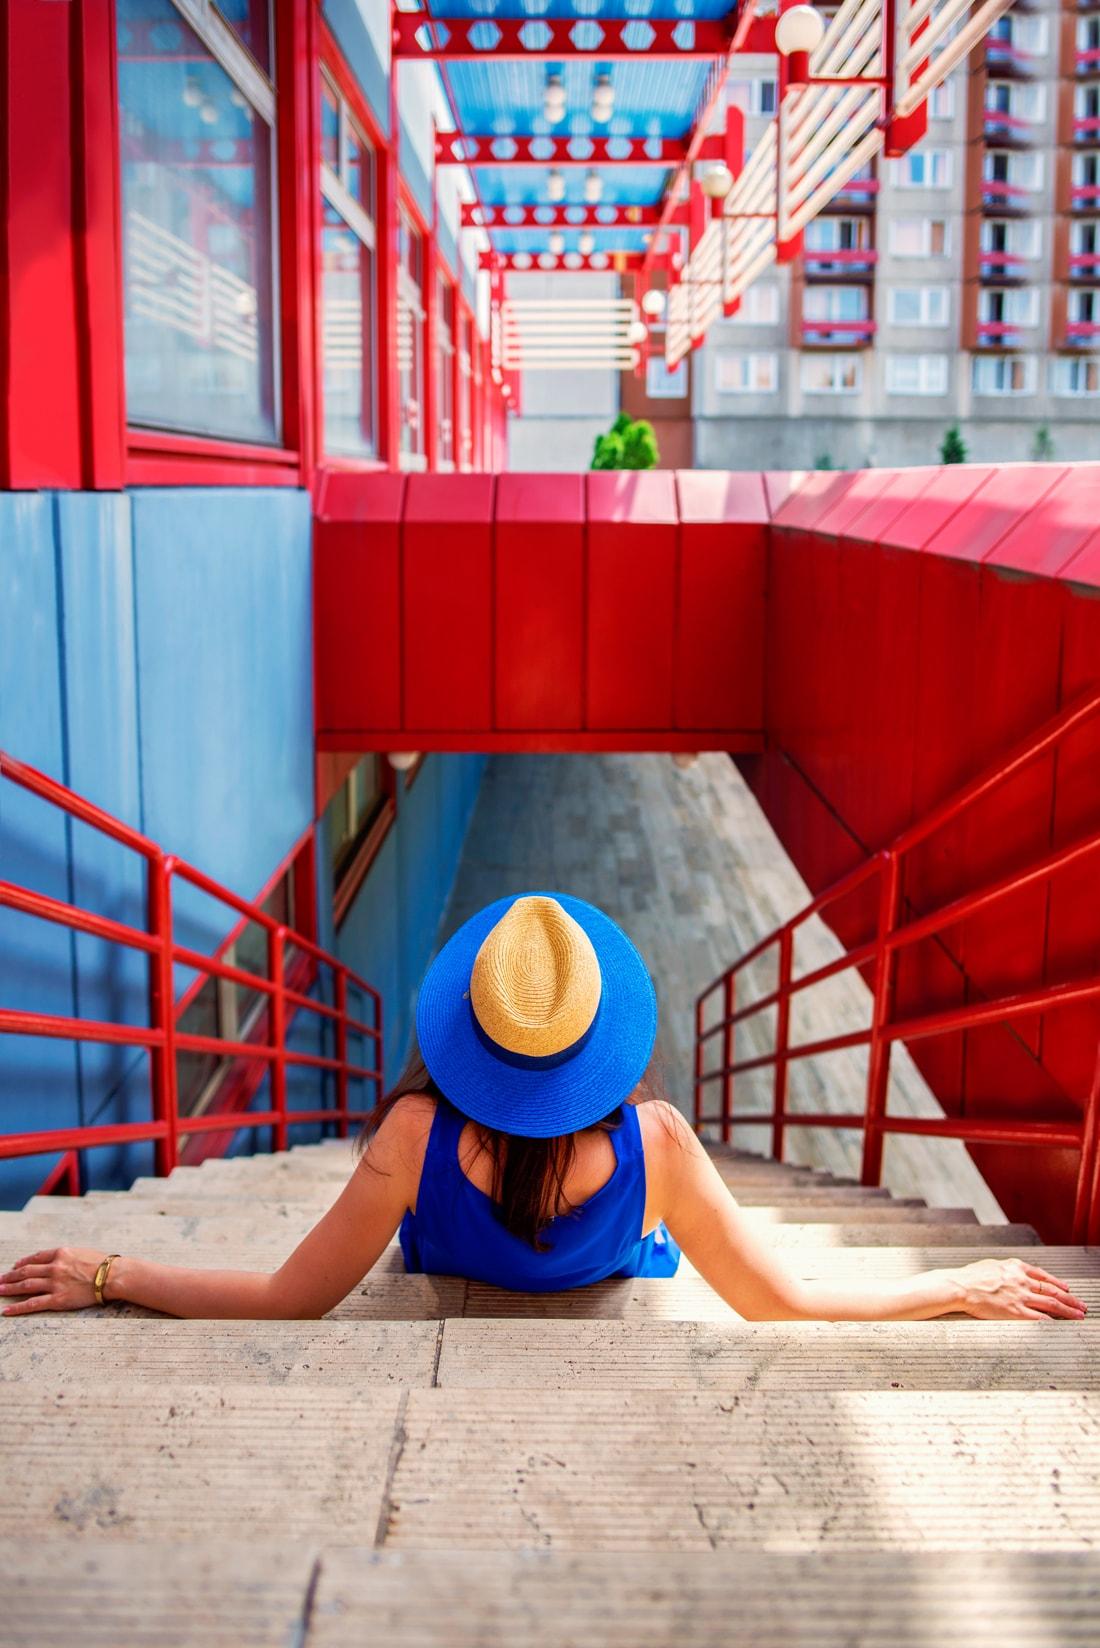 INŠPIRÁCIA NA JAR/LETO 2018 ALEBO AKO NOSIŤ KLOBÚK_Katharine-fashion is beautiful_Blog 14_Slamený klobúk Parfois_Slamená listová kabelka_OOTD_Katarína Jakubčová_Fashion blogger